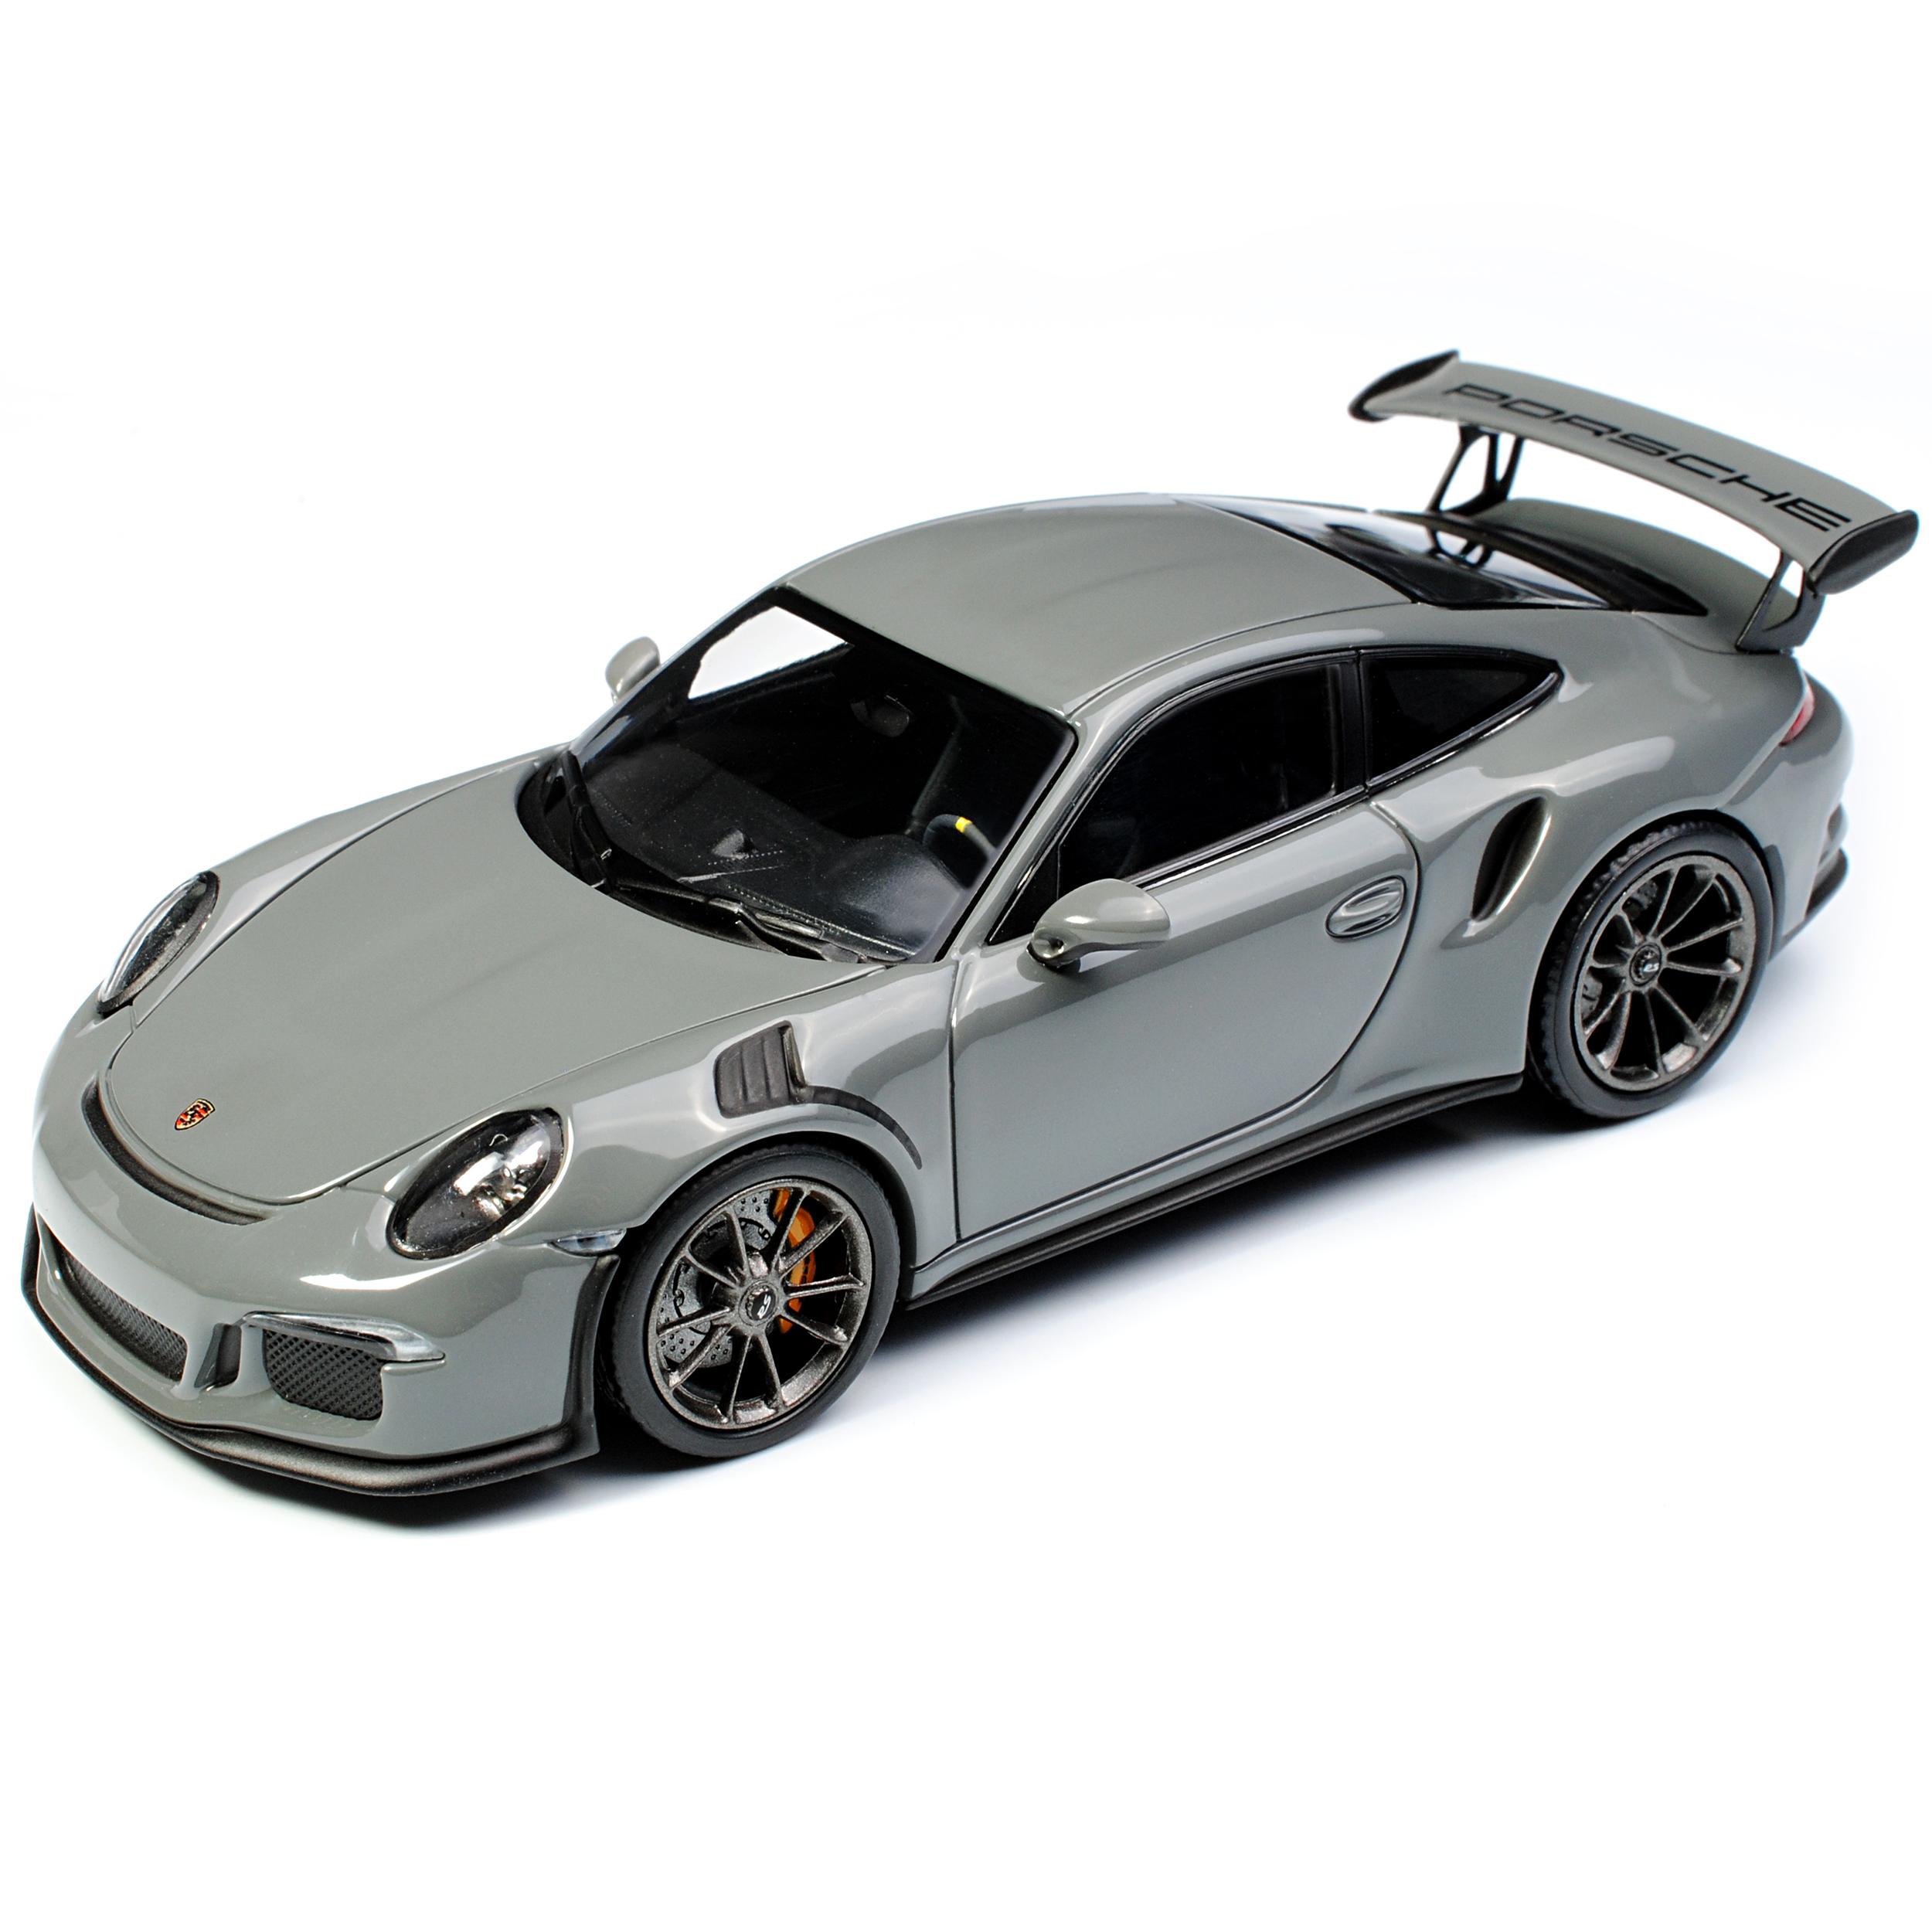 Minichamps Porsche 911 991 II GT3 RS Schwarz Modell ab 2012 Ab Facelift 2015 1//43 Modell Auto mit individiuellem Wunschkennzeichen